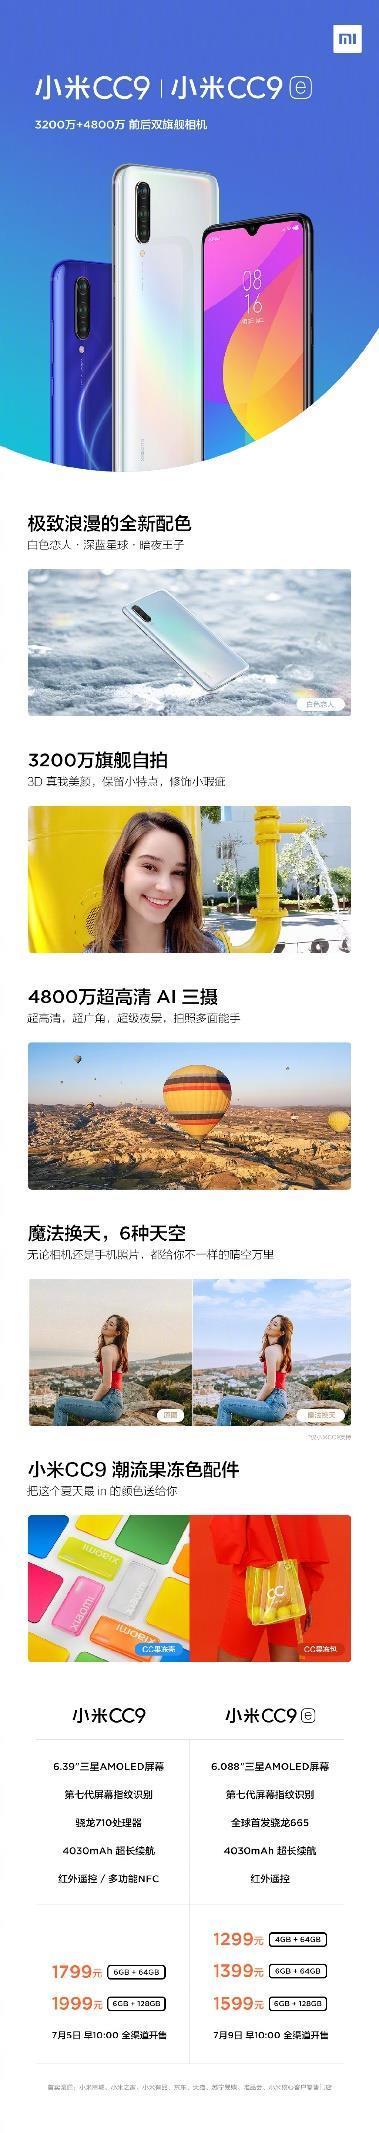 小米发布小米CC9e手机:首发骁龙665处理器 1299元起